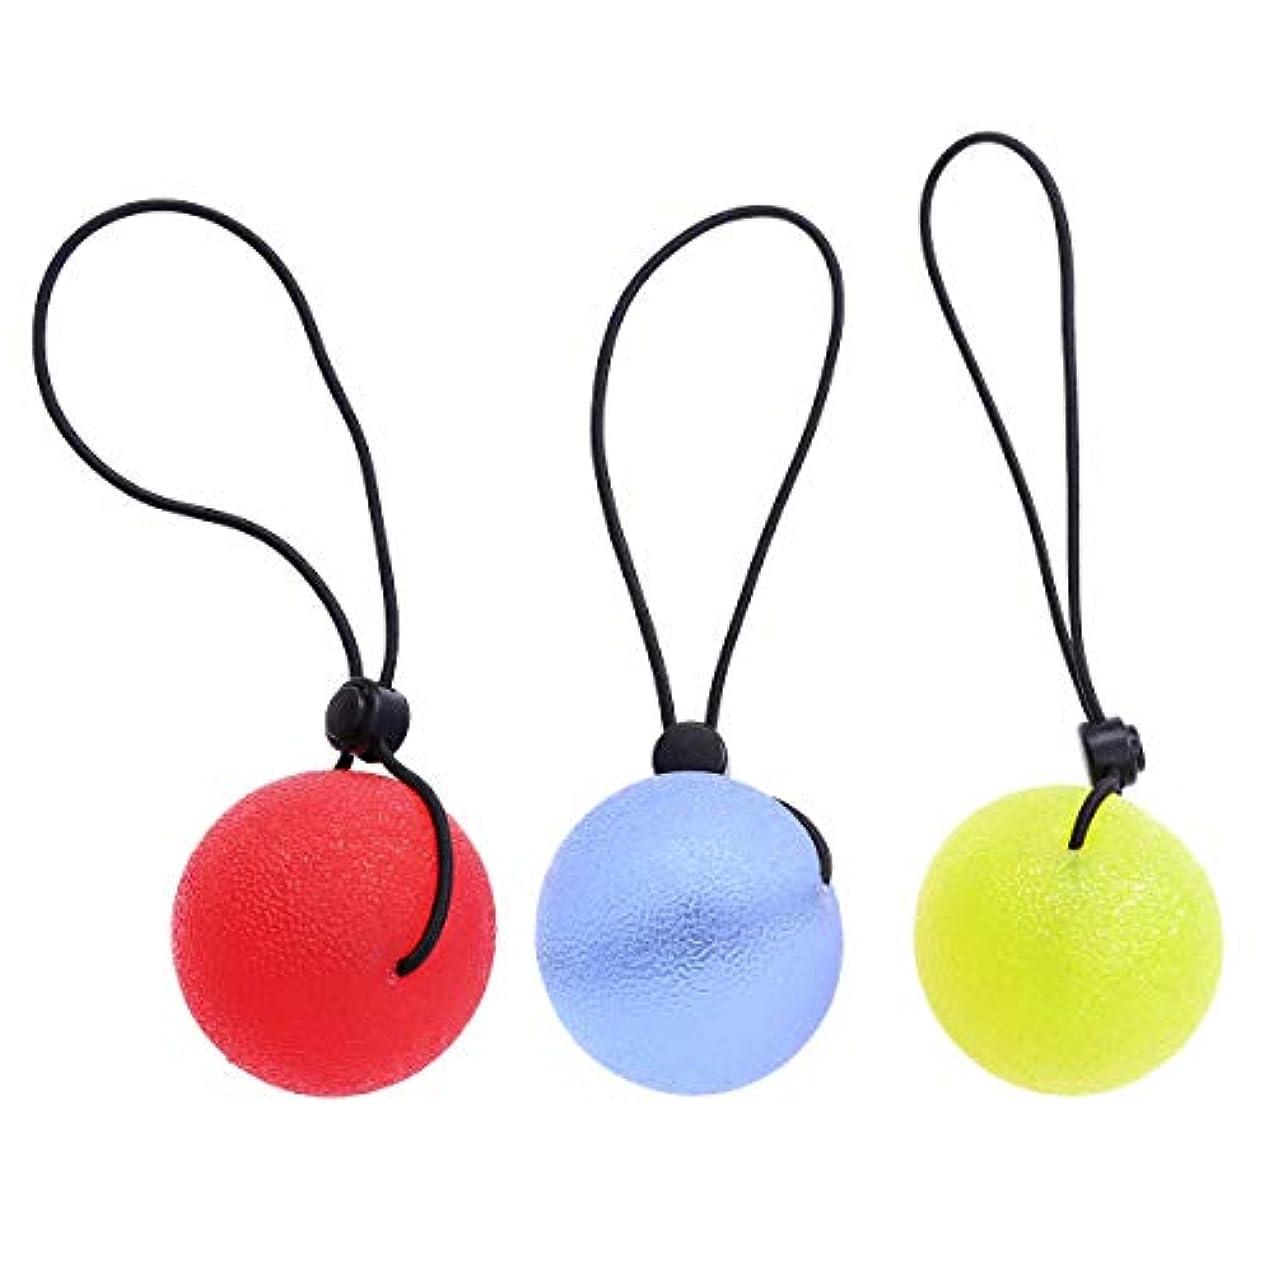 山岳歌ホップSUPVOX 3個シリコーングリップボールハンドエクササイズボールハンドセラピー強化剤トレーナー